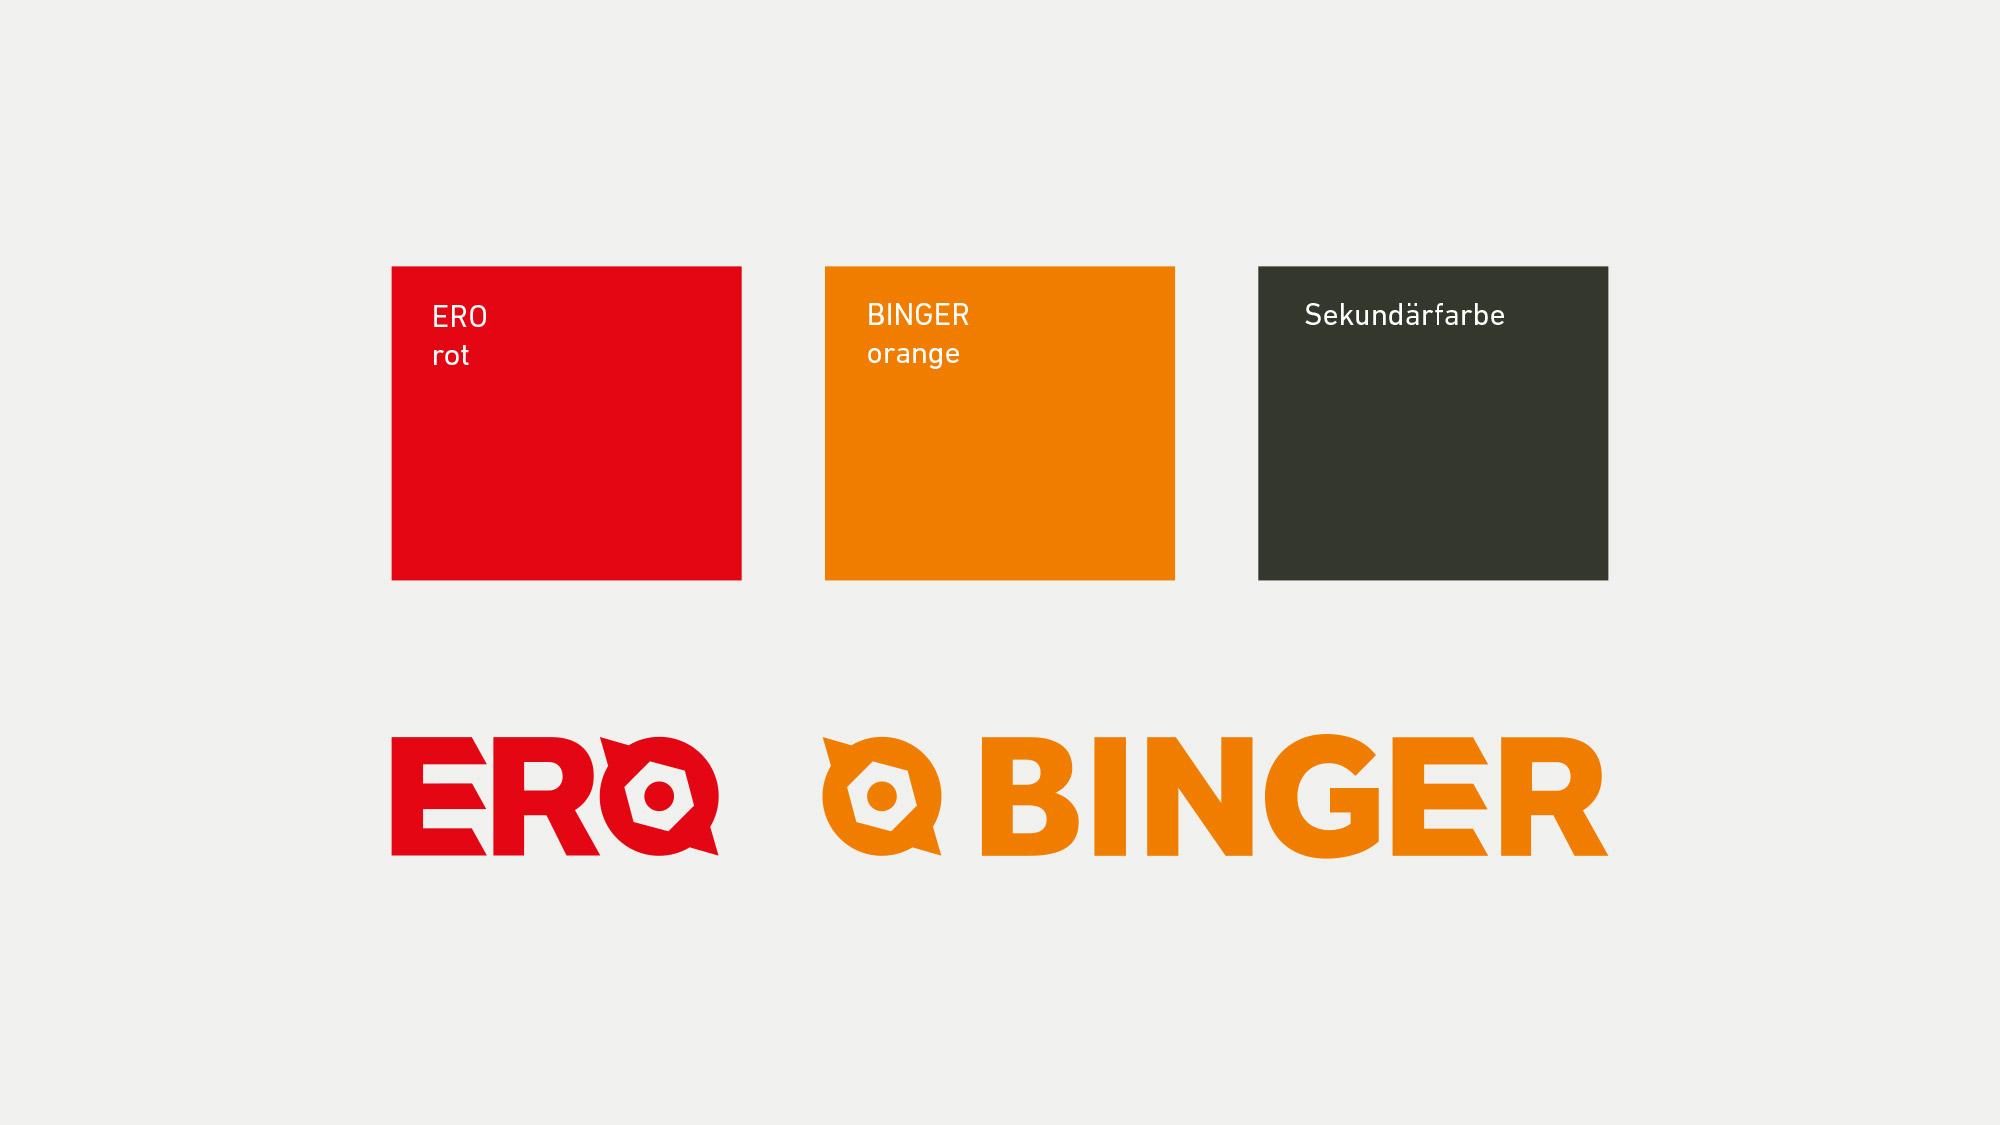 Farbkonzept Ero und Ero Binger